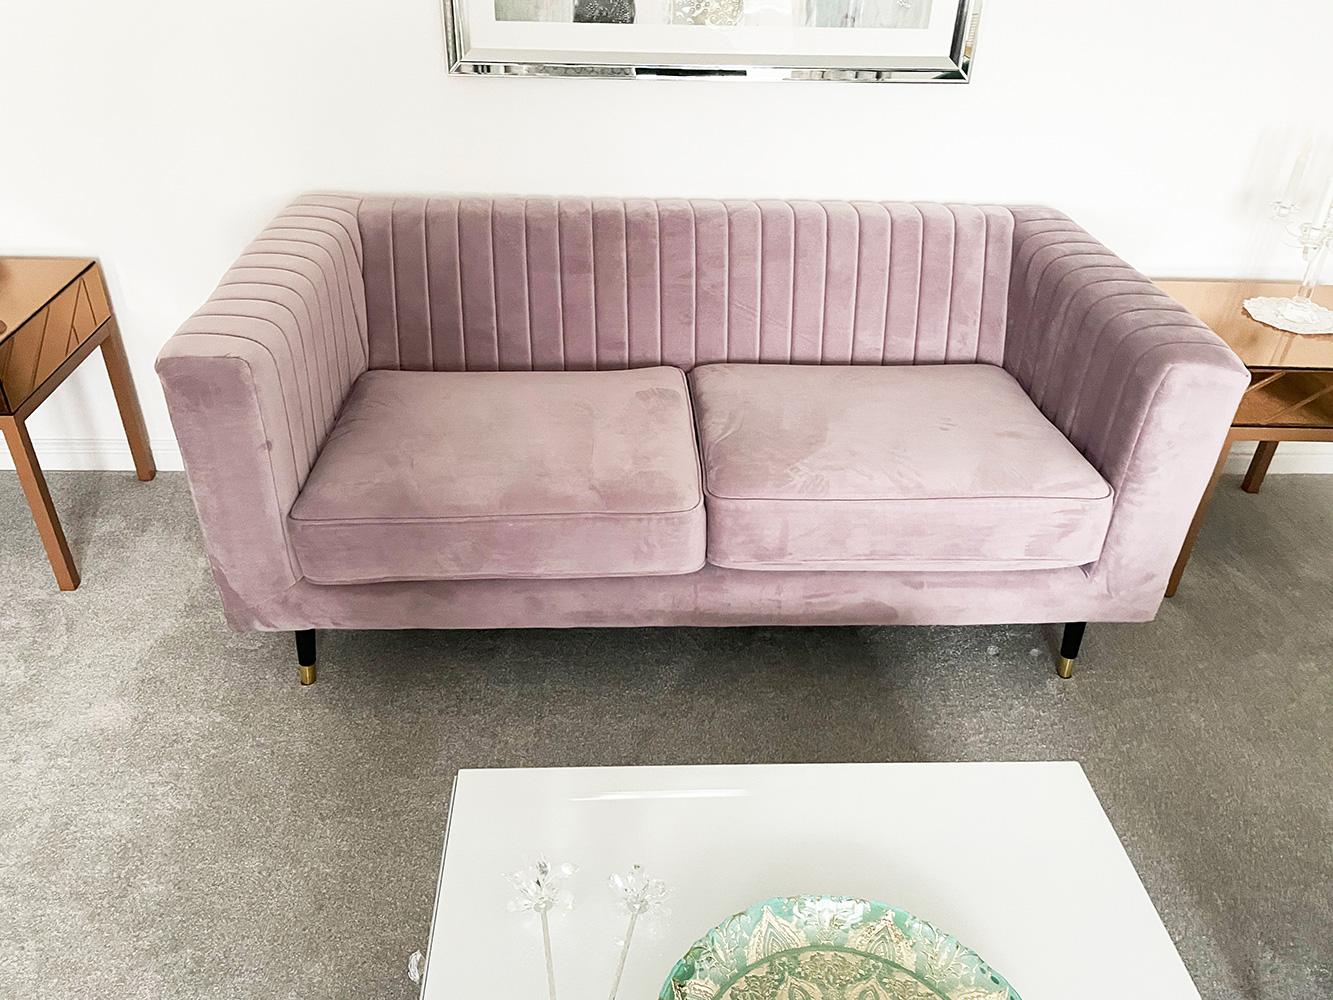 Rosanes Sofa Slender im modernen Wohnzimmer